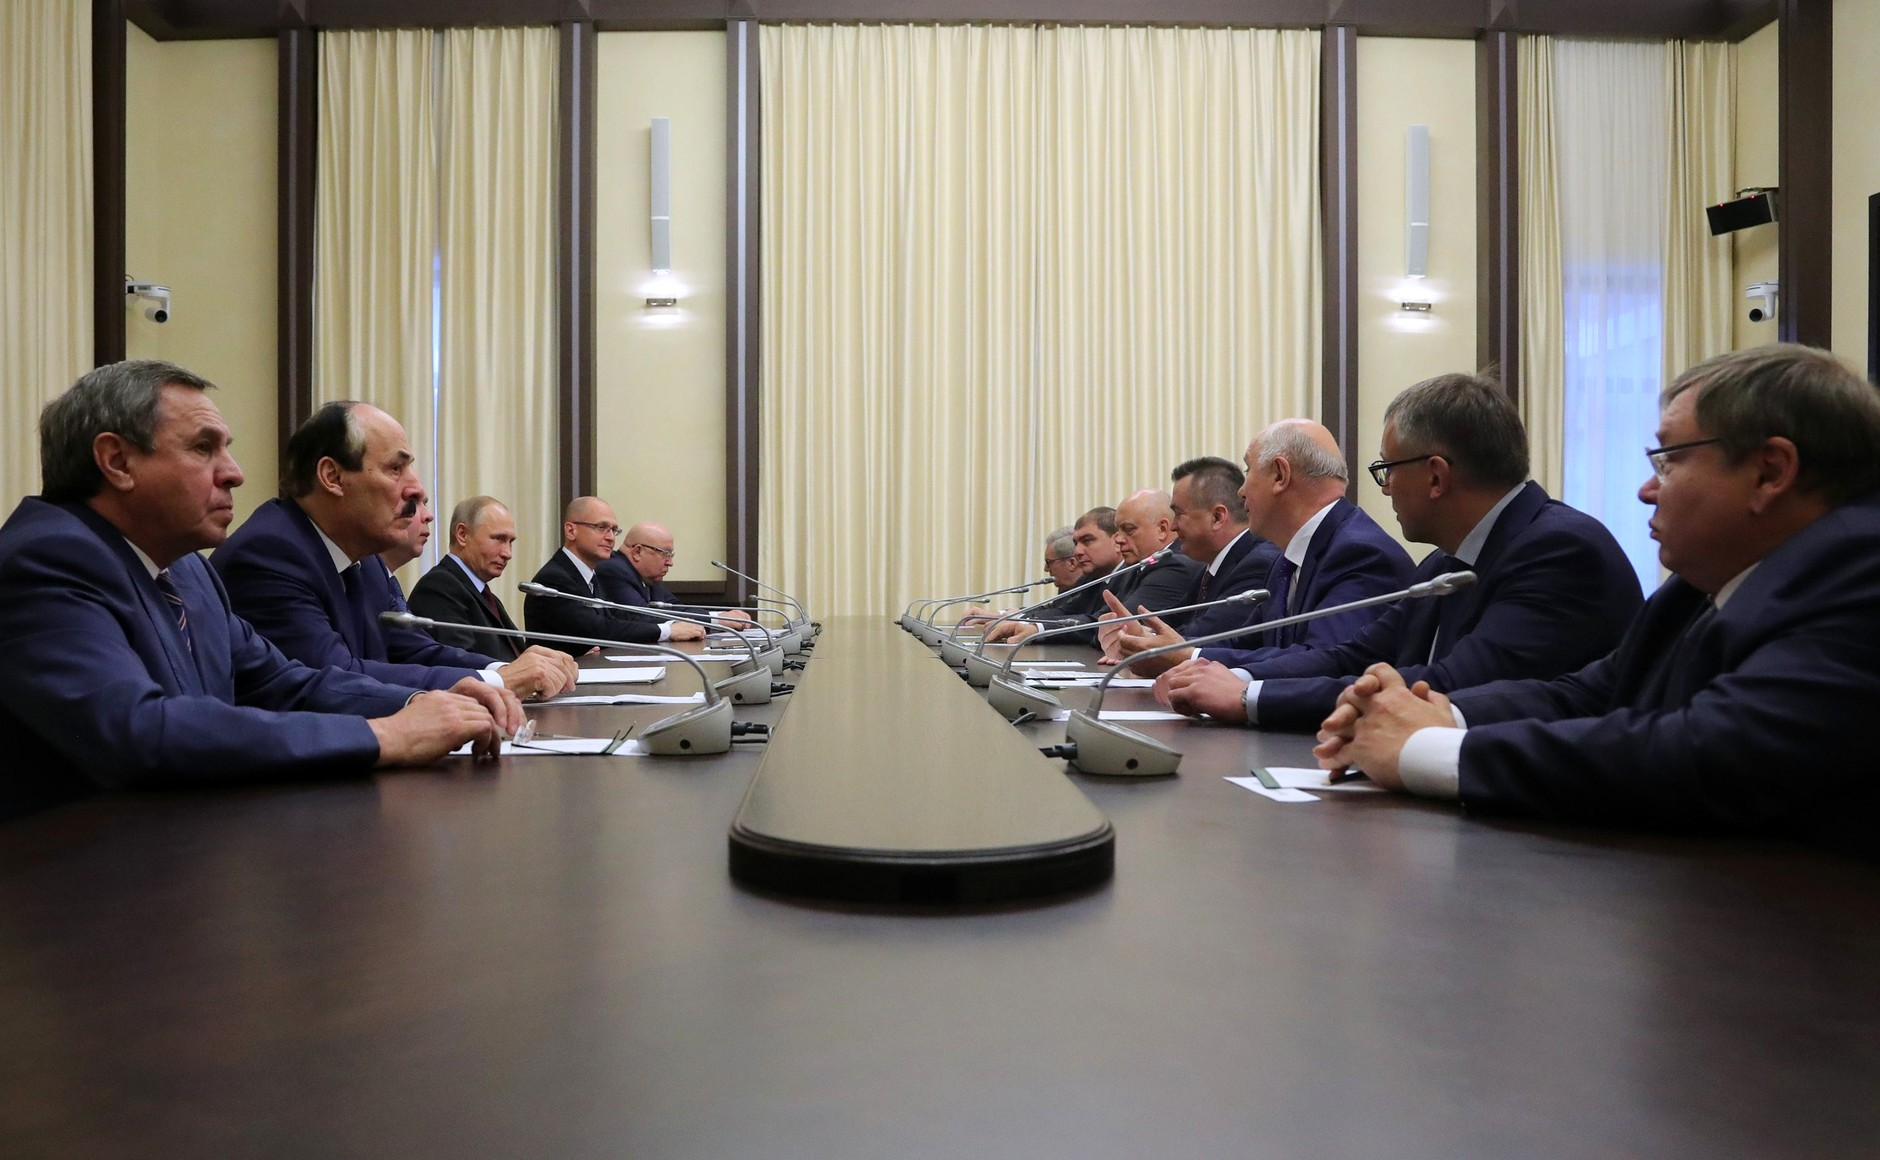 Путин: Экс-губернаторы работали всложных финансовых условиях